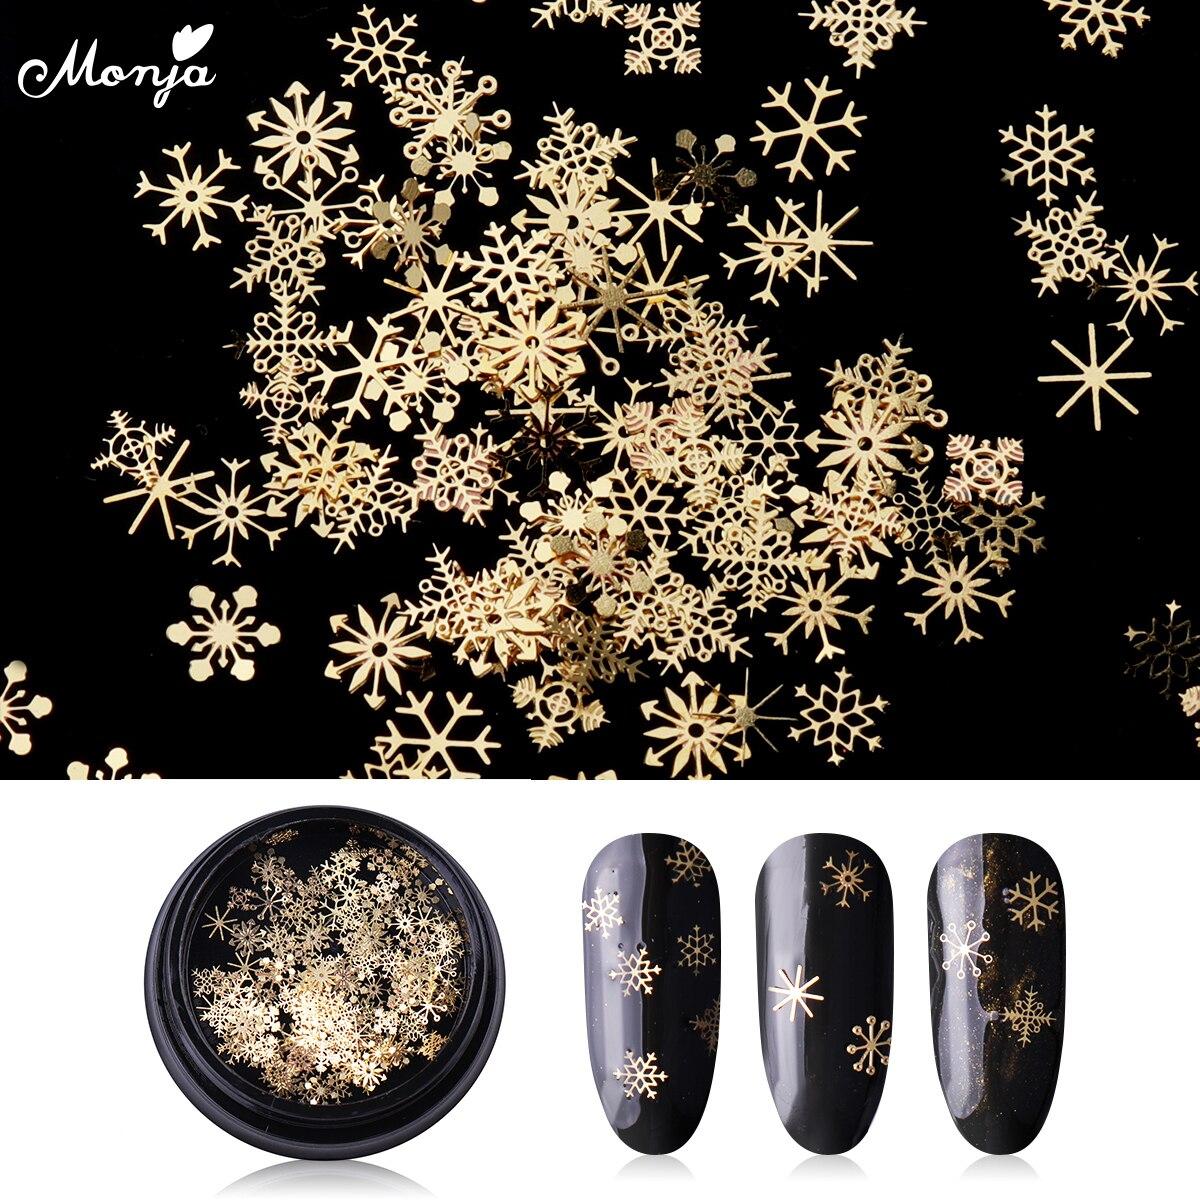 Monja 4 мм металлический дизайн ногтей Рождество золото блестящая Снежинка хлопья ломтик блестки смешанные наклейки DIY 3D маникюрные украшения